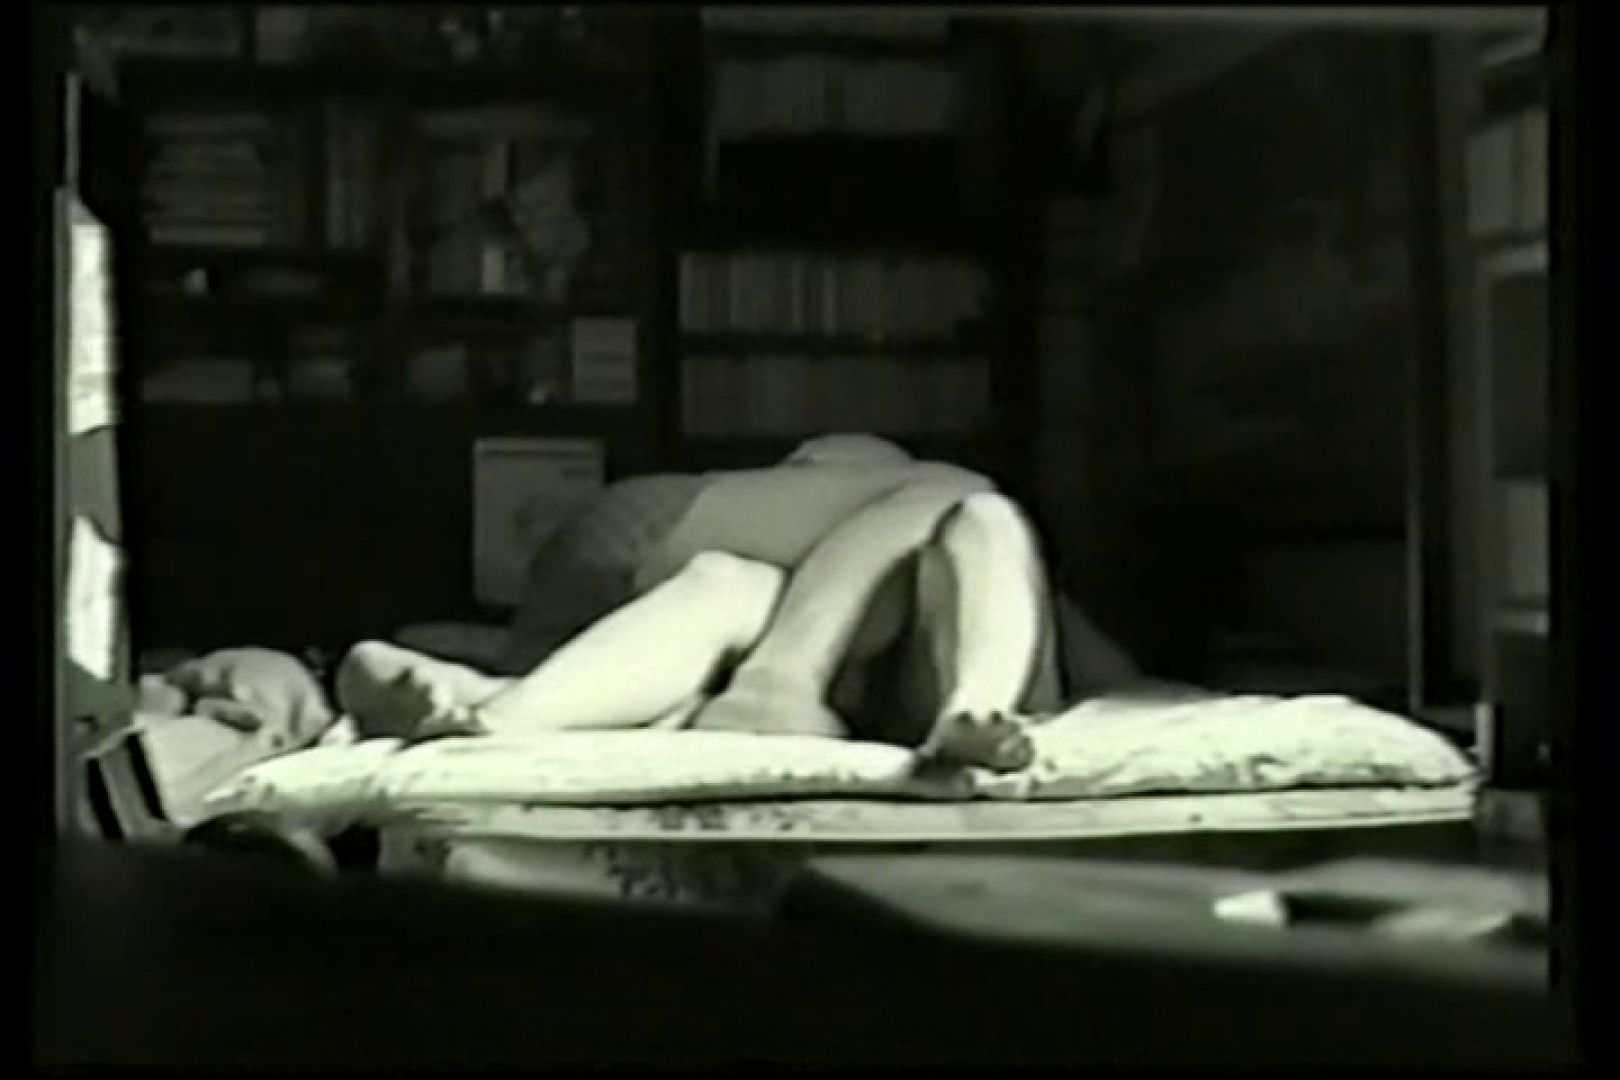 素人嬢をホテルに連れ込みアンナ事・コンナ事!?Vol.5 投稿 AV無料 97pic 3